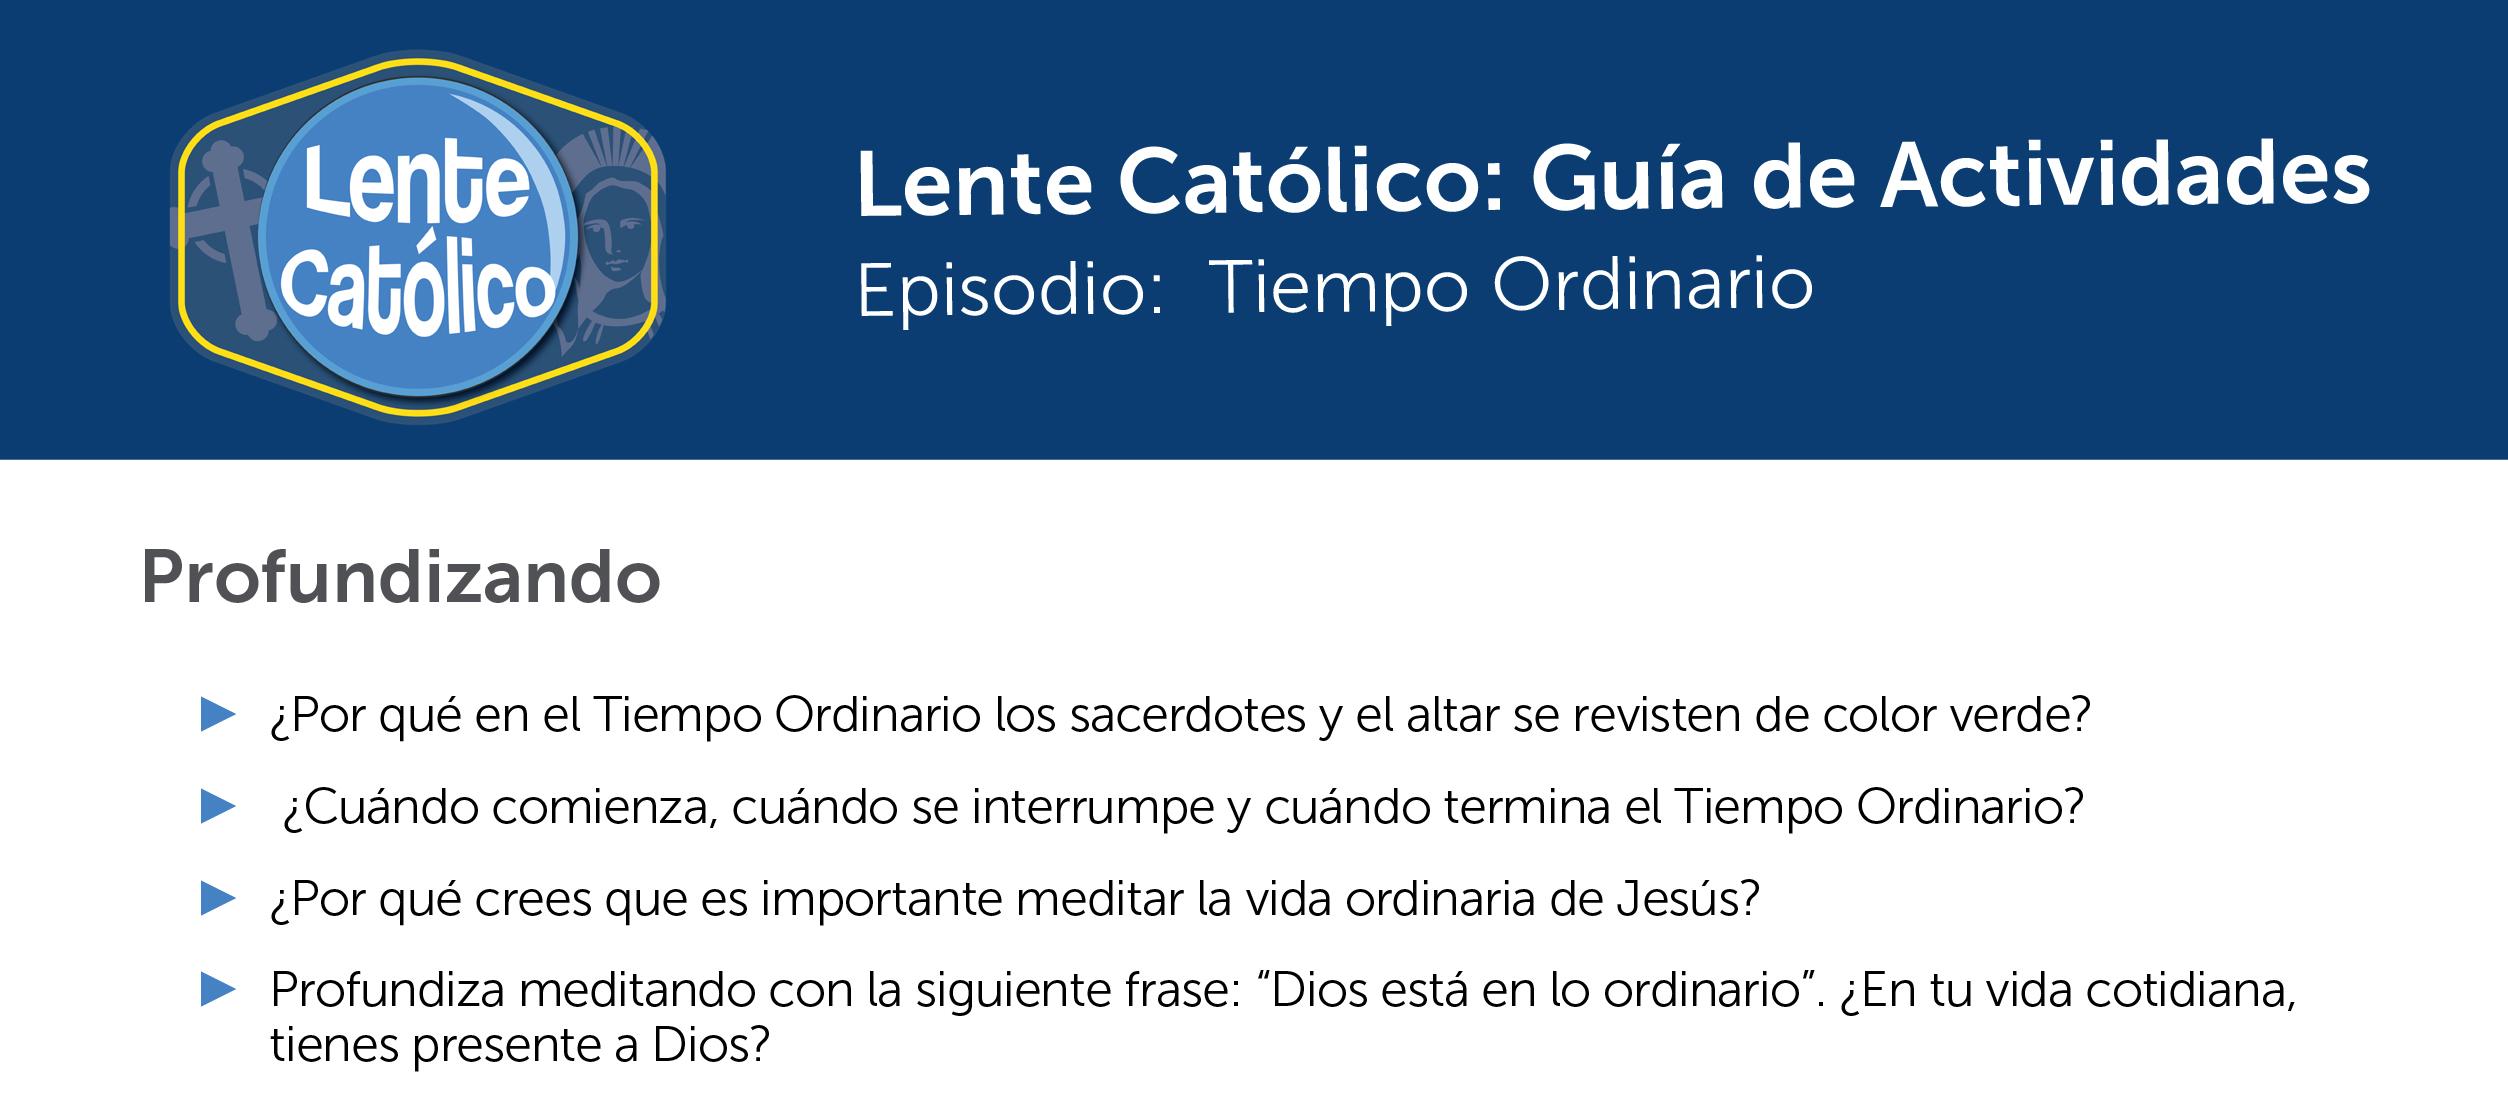 Tiempo Ordinario photo guide